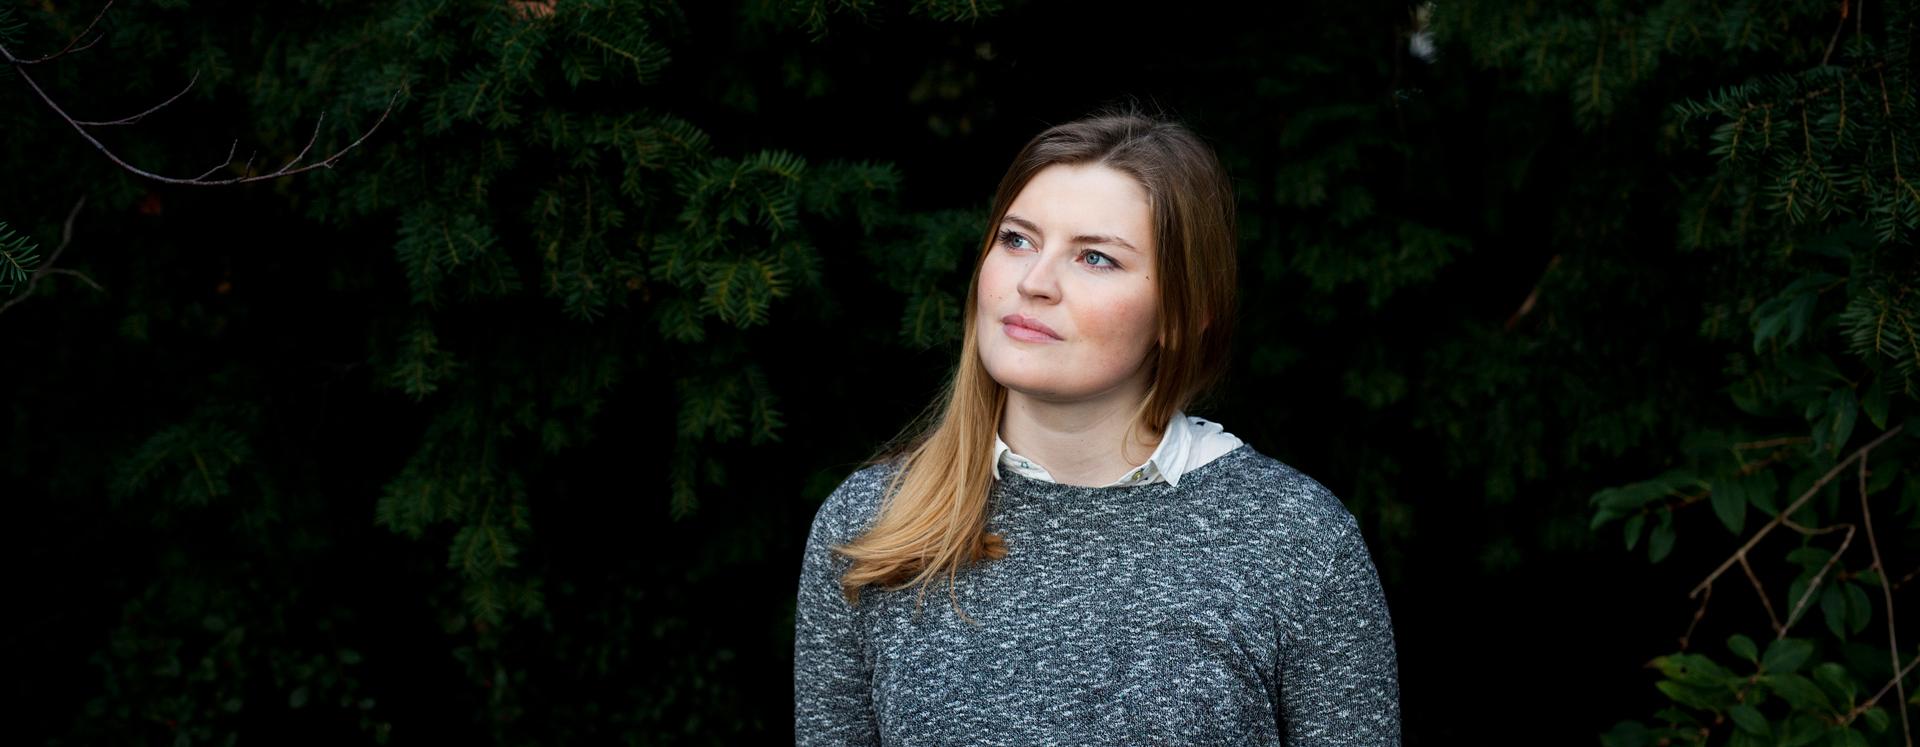 Voldsudsat ung kvinde på krisecenter står ved mørke buske og ser op